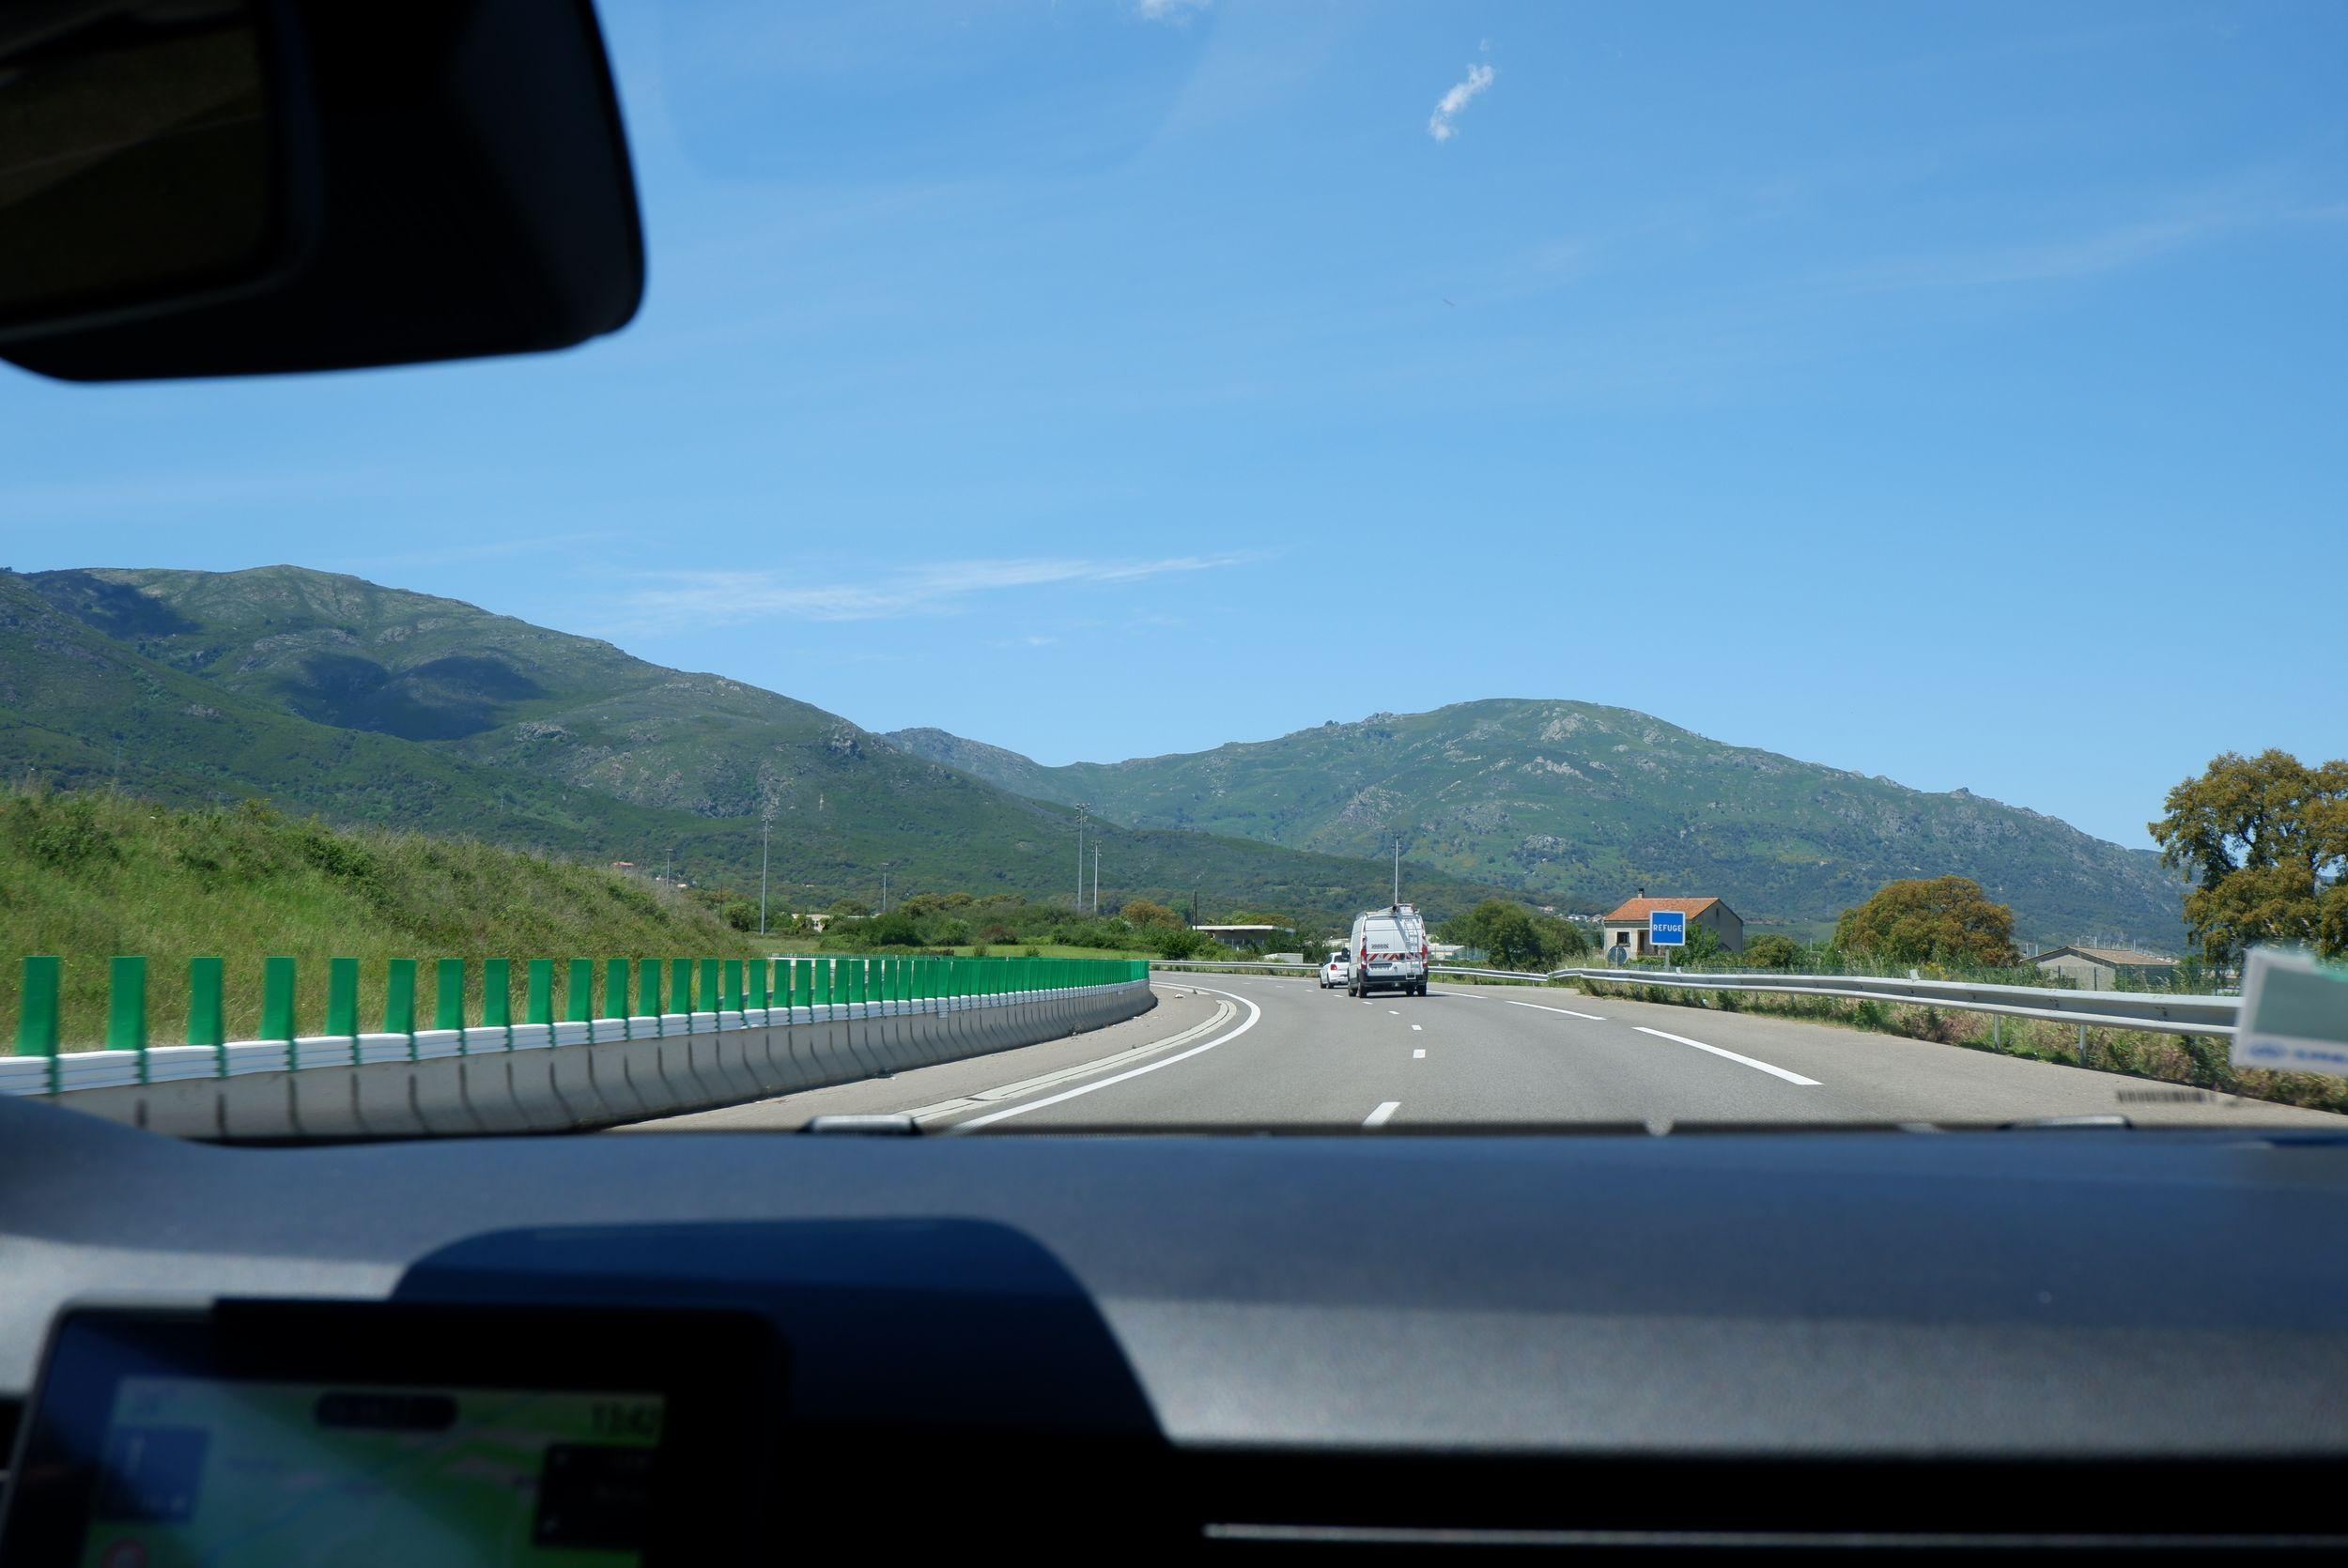 les routes de bastia avec des montagnes à l'horizon